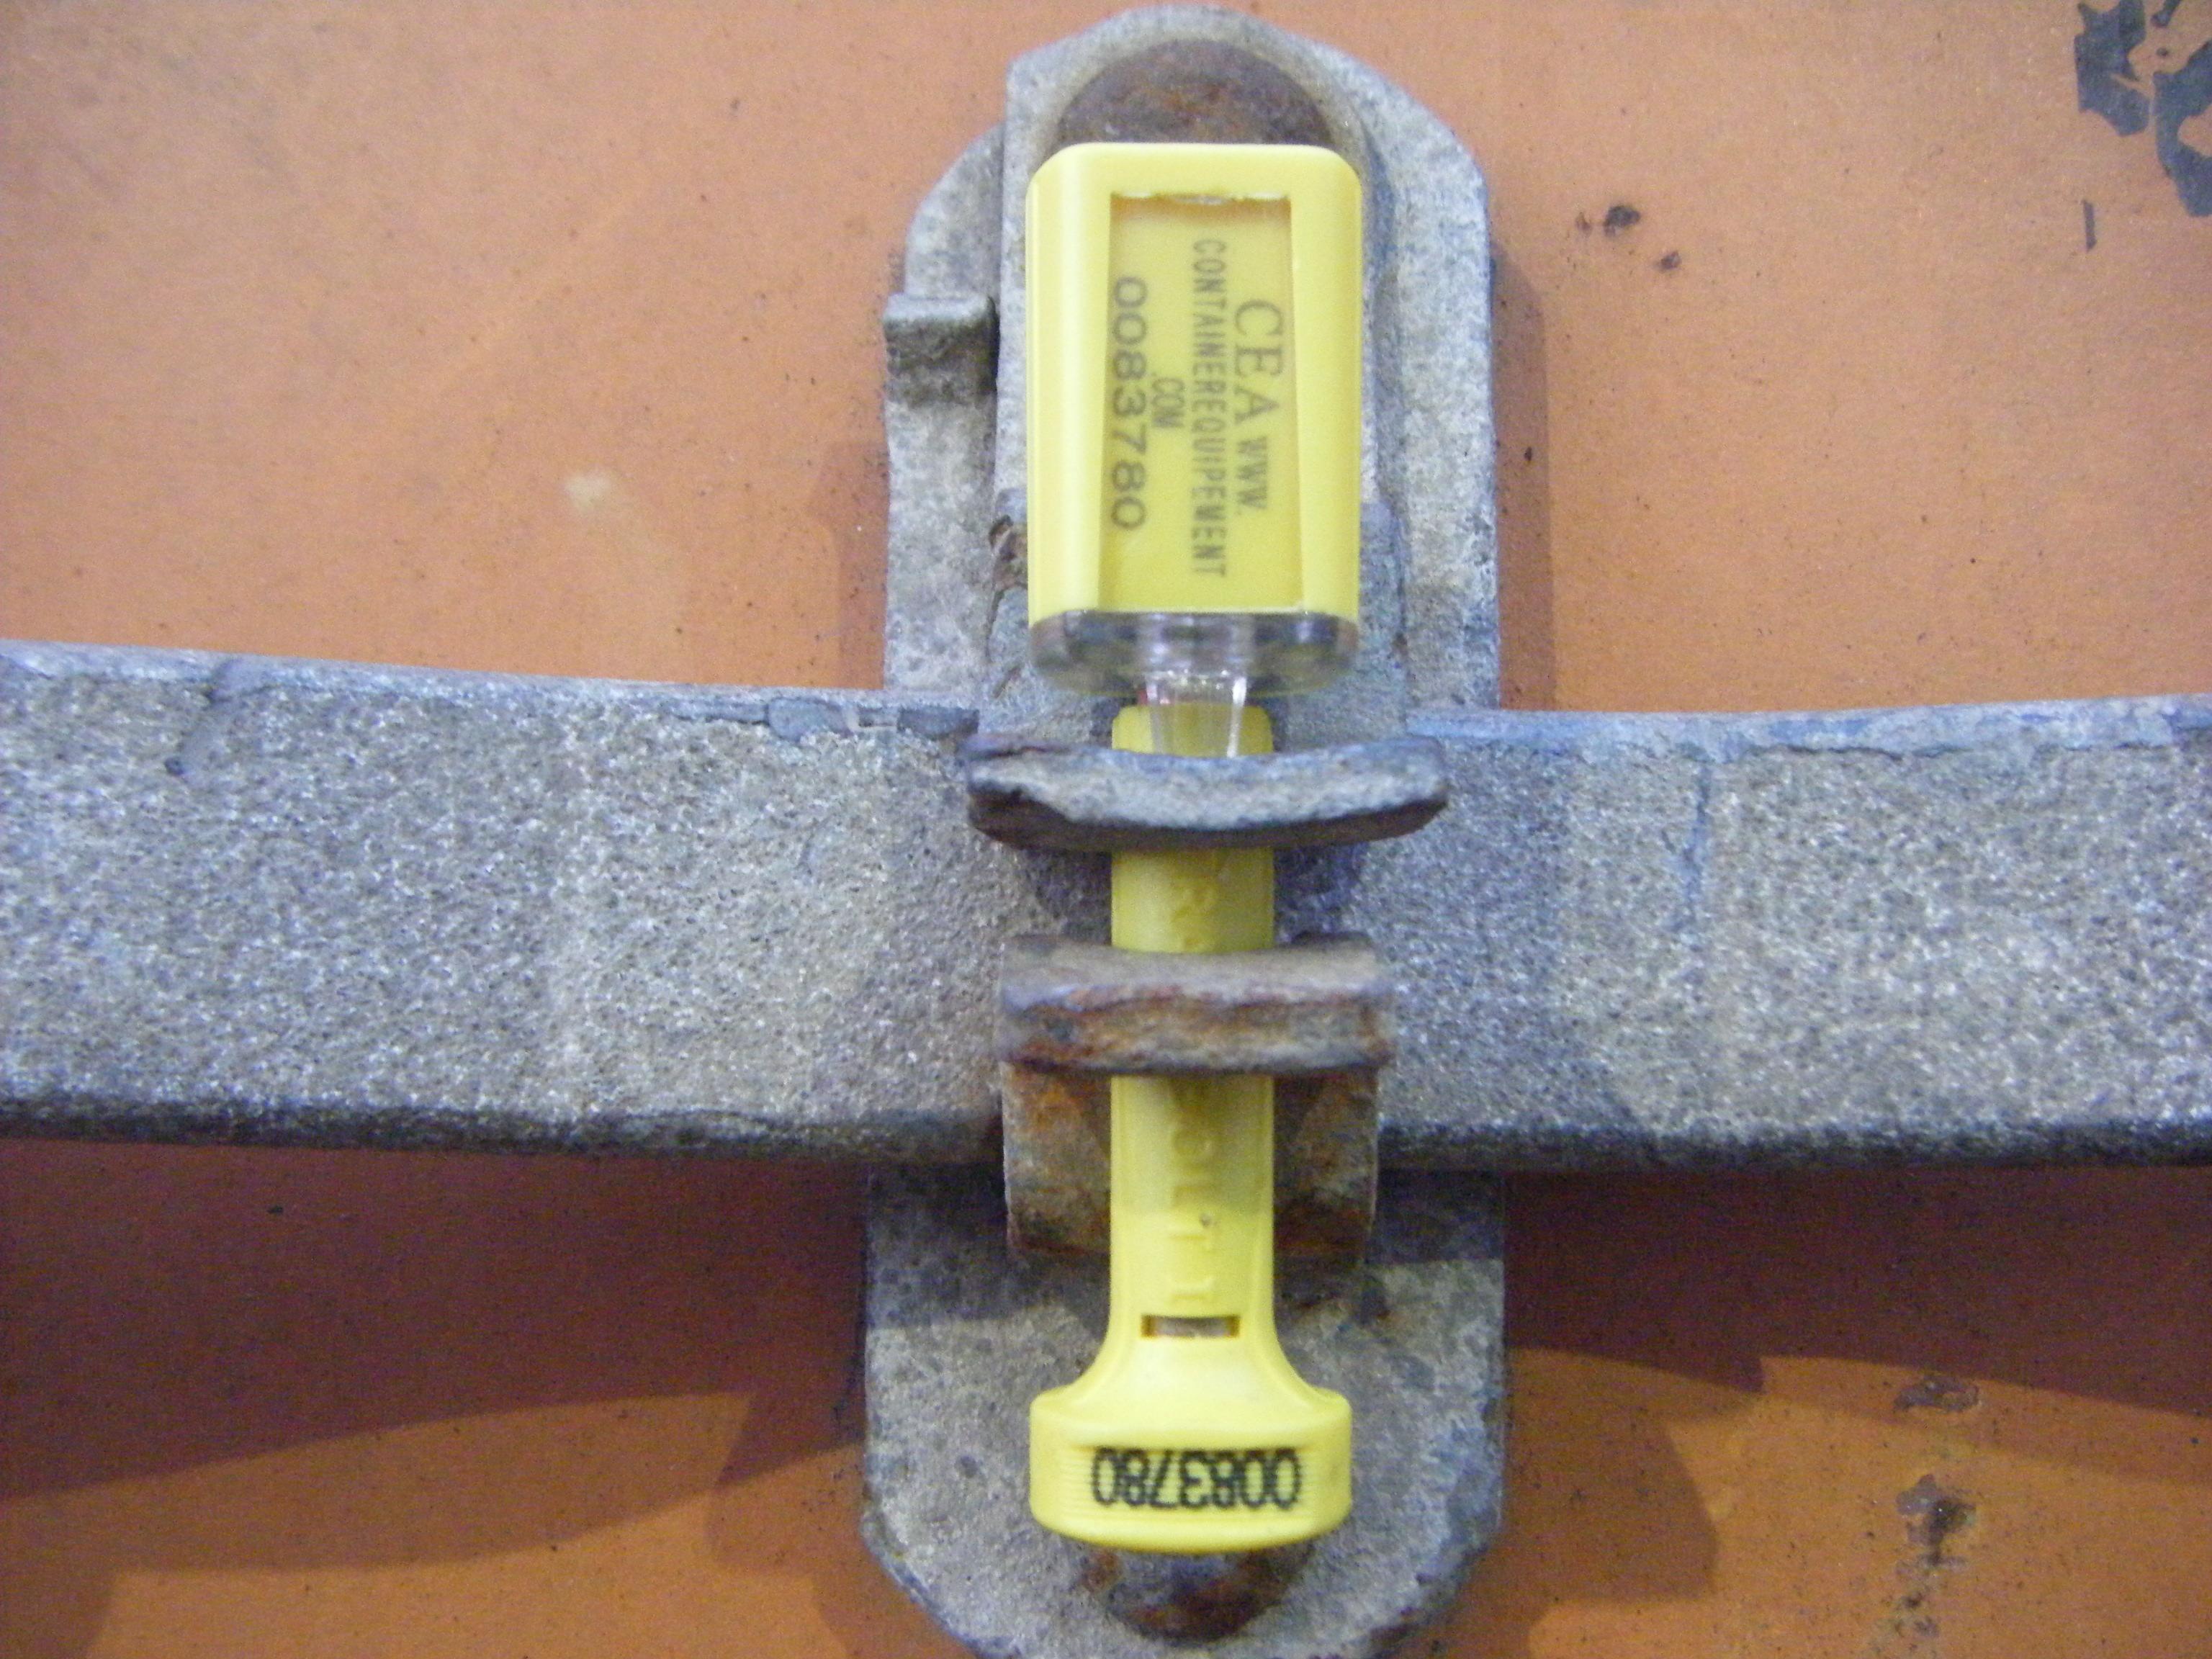 Mise en container et condannation par plomb - lagreulet SA (3)